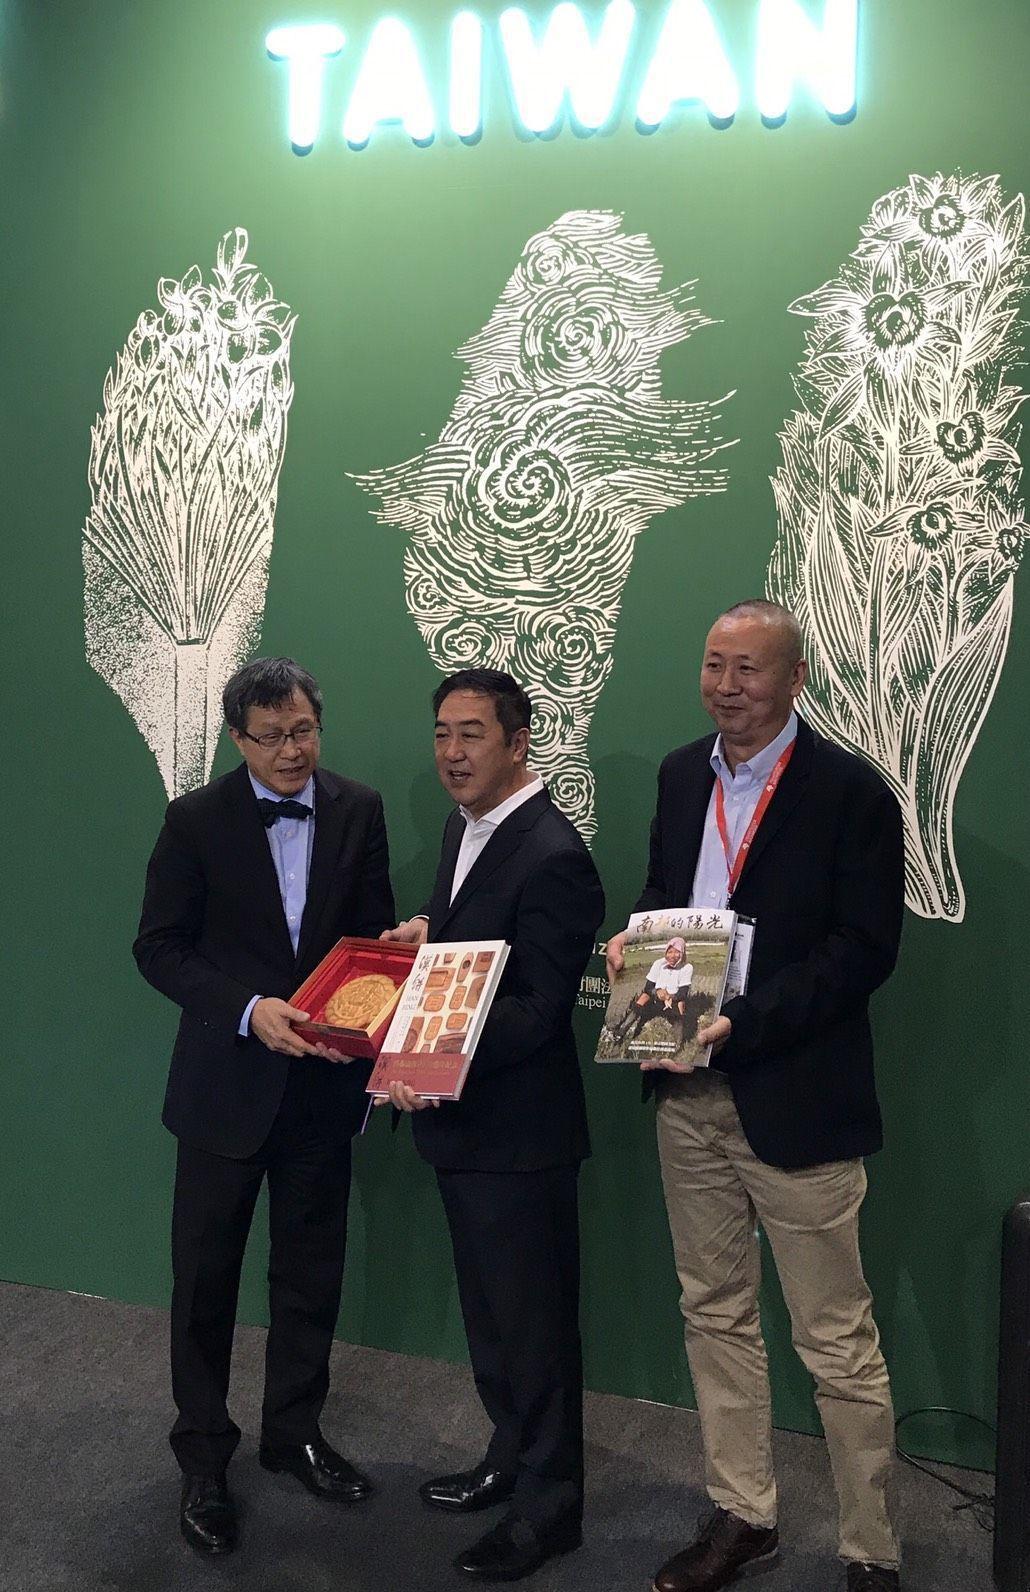 舊振南董事長李雄慶(中)把書跟漢餅贈給台灣駐德國辦事處謝志偉(左)大使。 圖/舊...